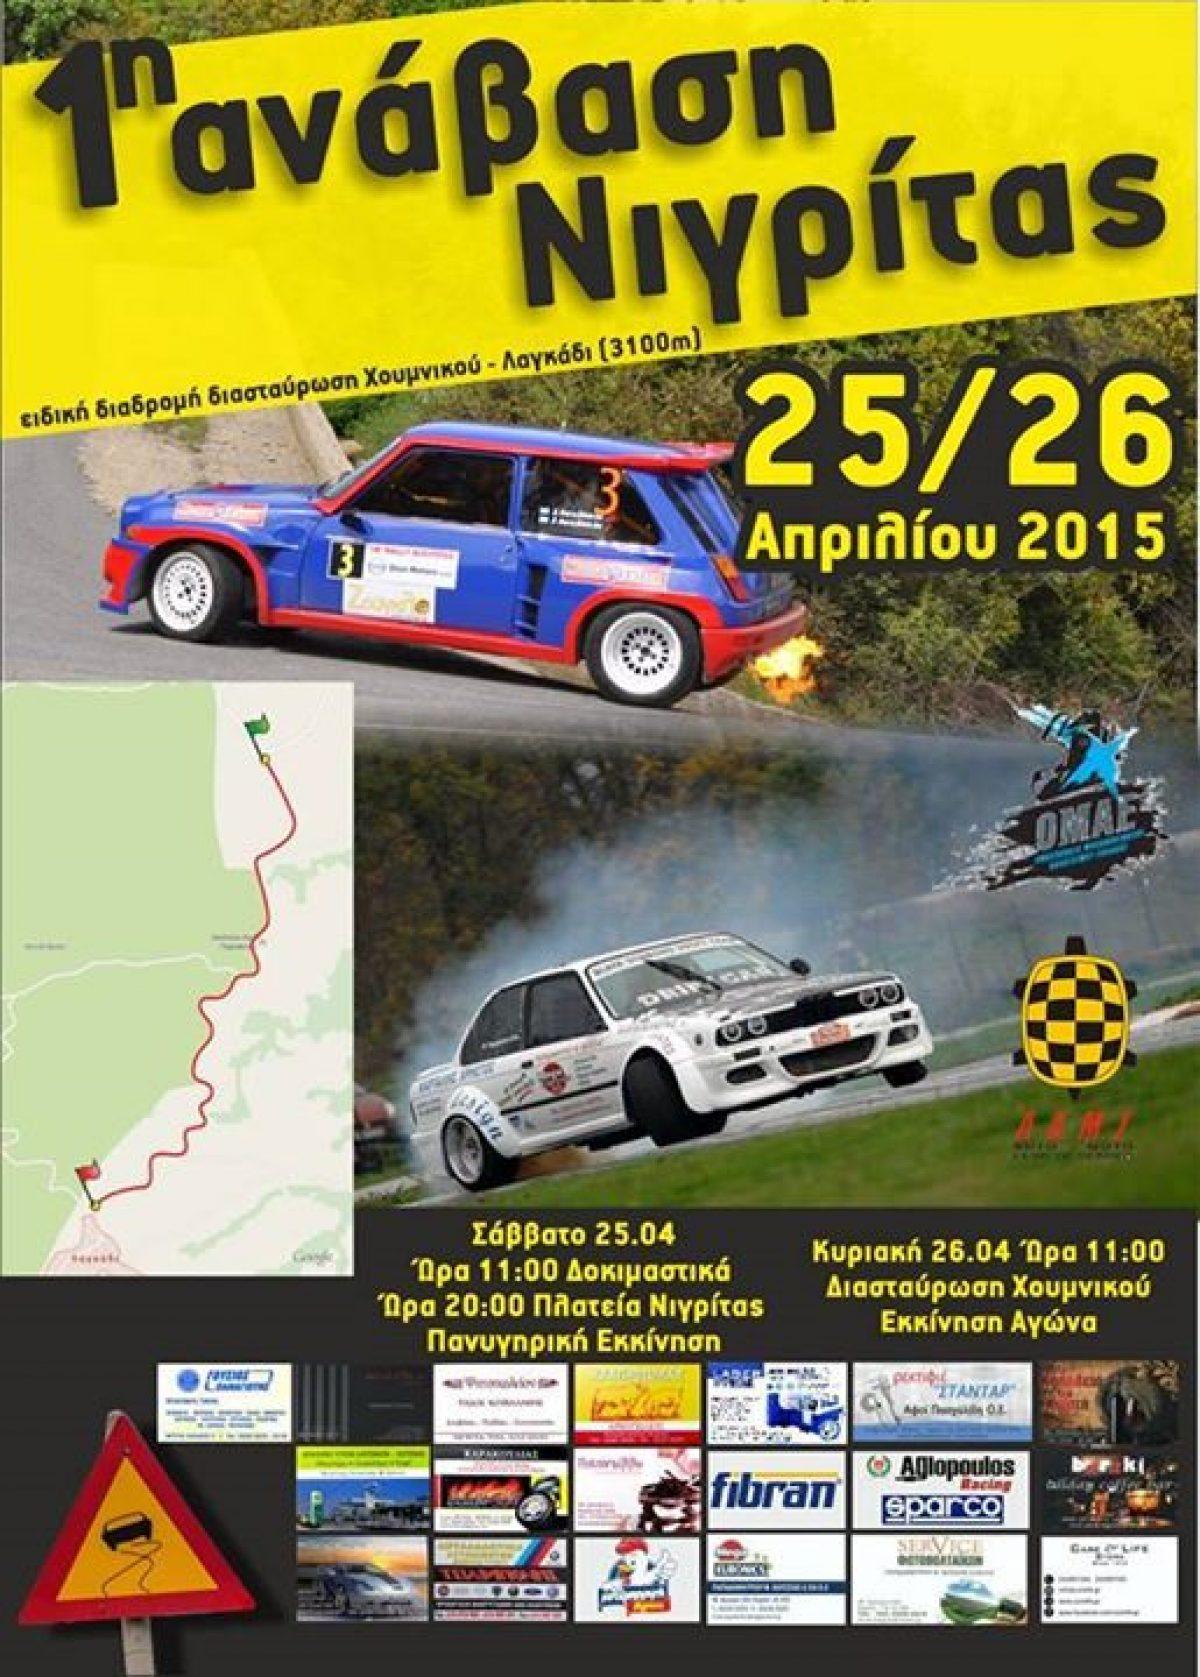 Ανάβαση Β.Ελλάδας Νιγρίτας Σερρών 25-26 Απριλίου 2015